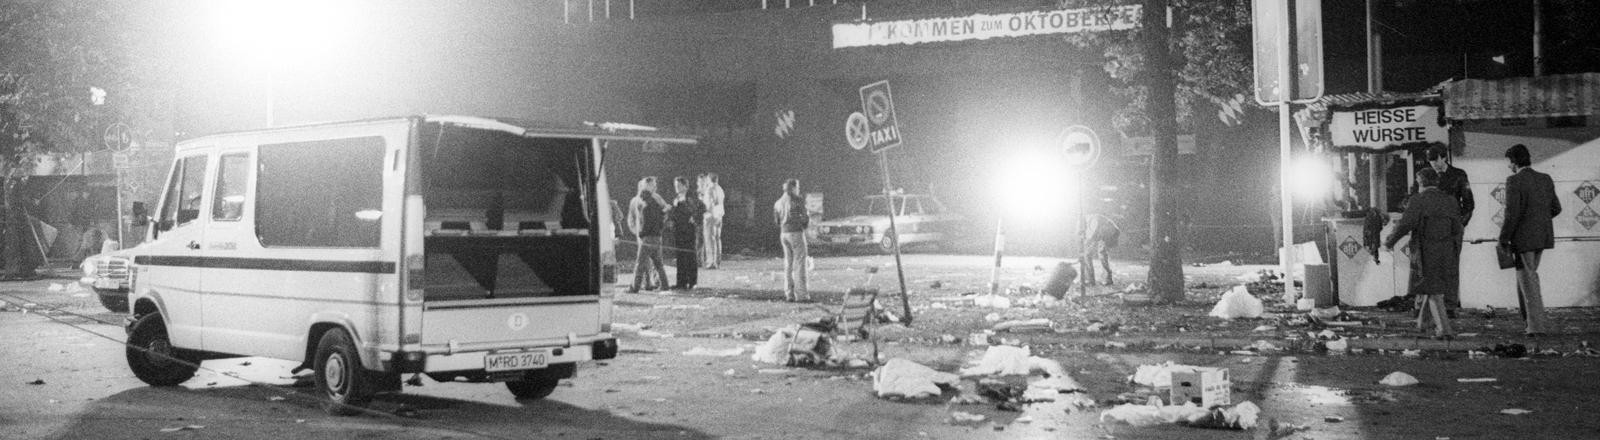 Oktoberfestattentat München 1980, Leichen werden in Särgen abtransportiert.